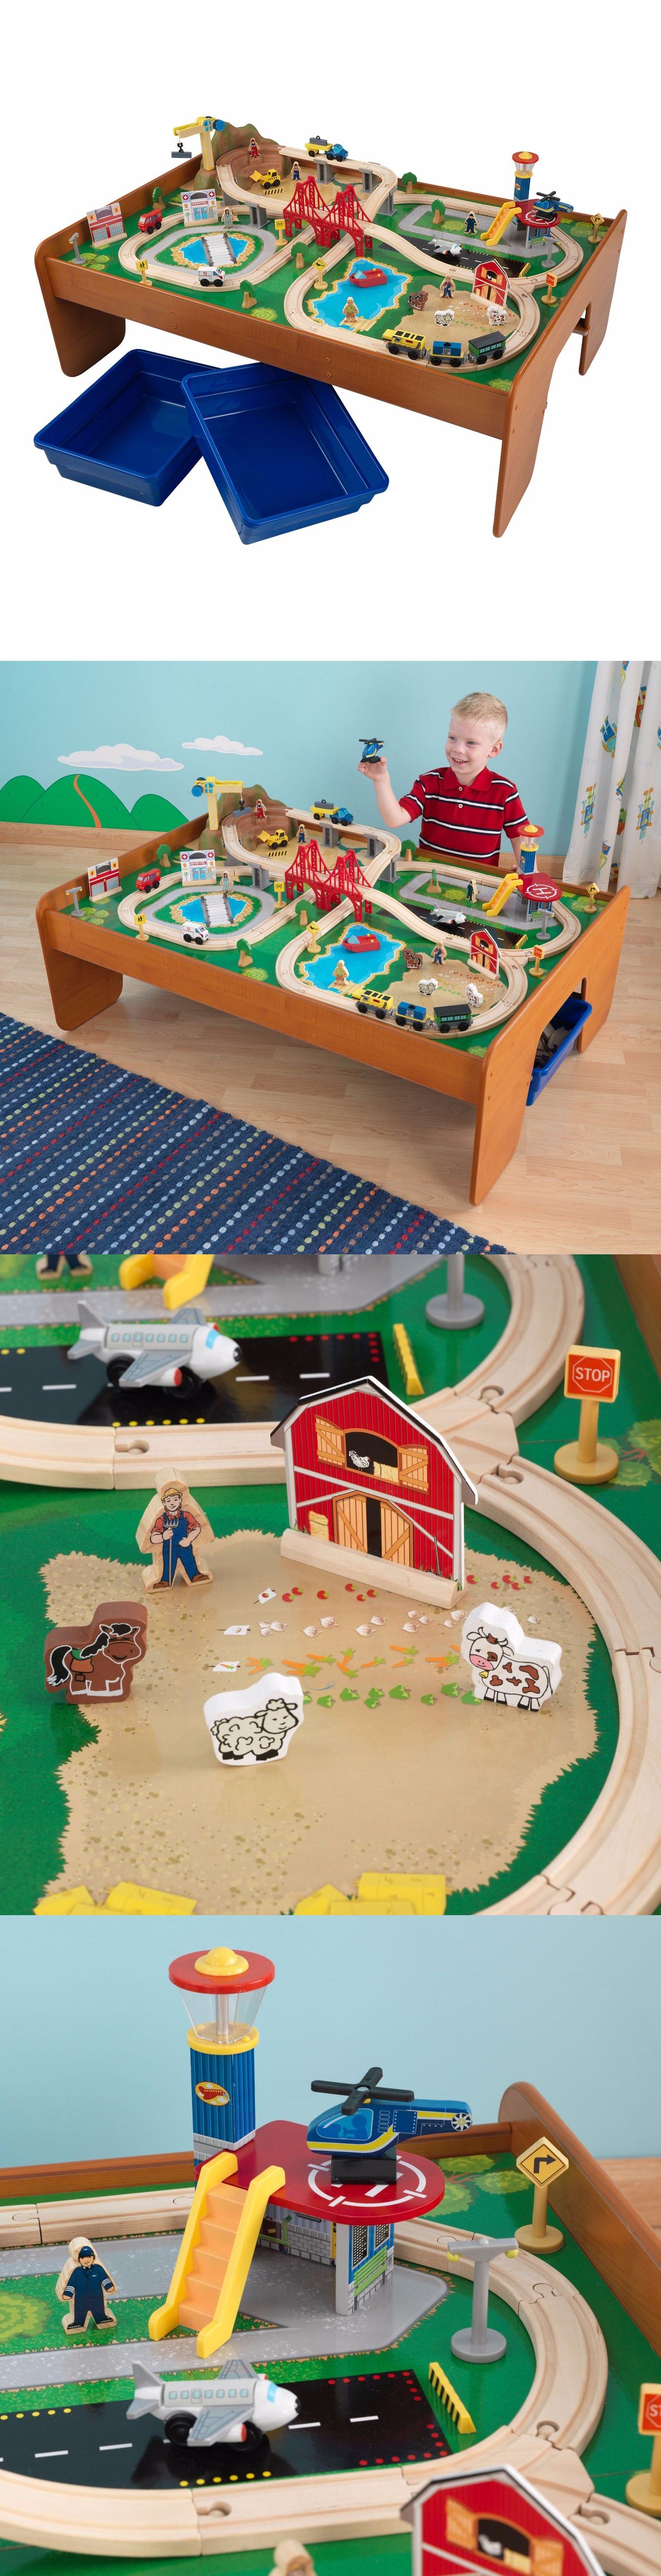 Brio Compatible 16517: Ride Around Town Train Set Table 100 Piece Kid Boy  Girl Child